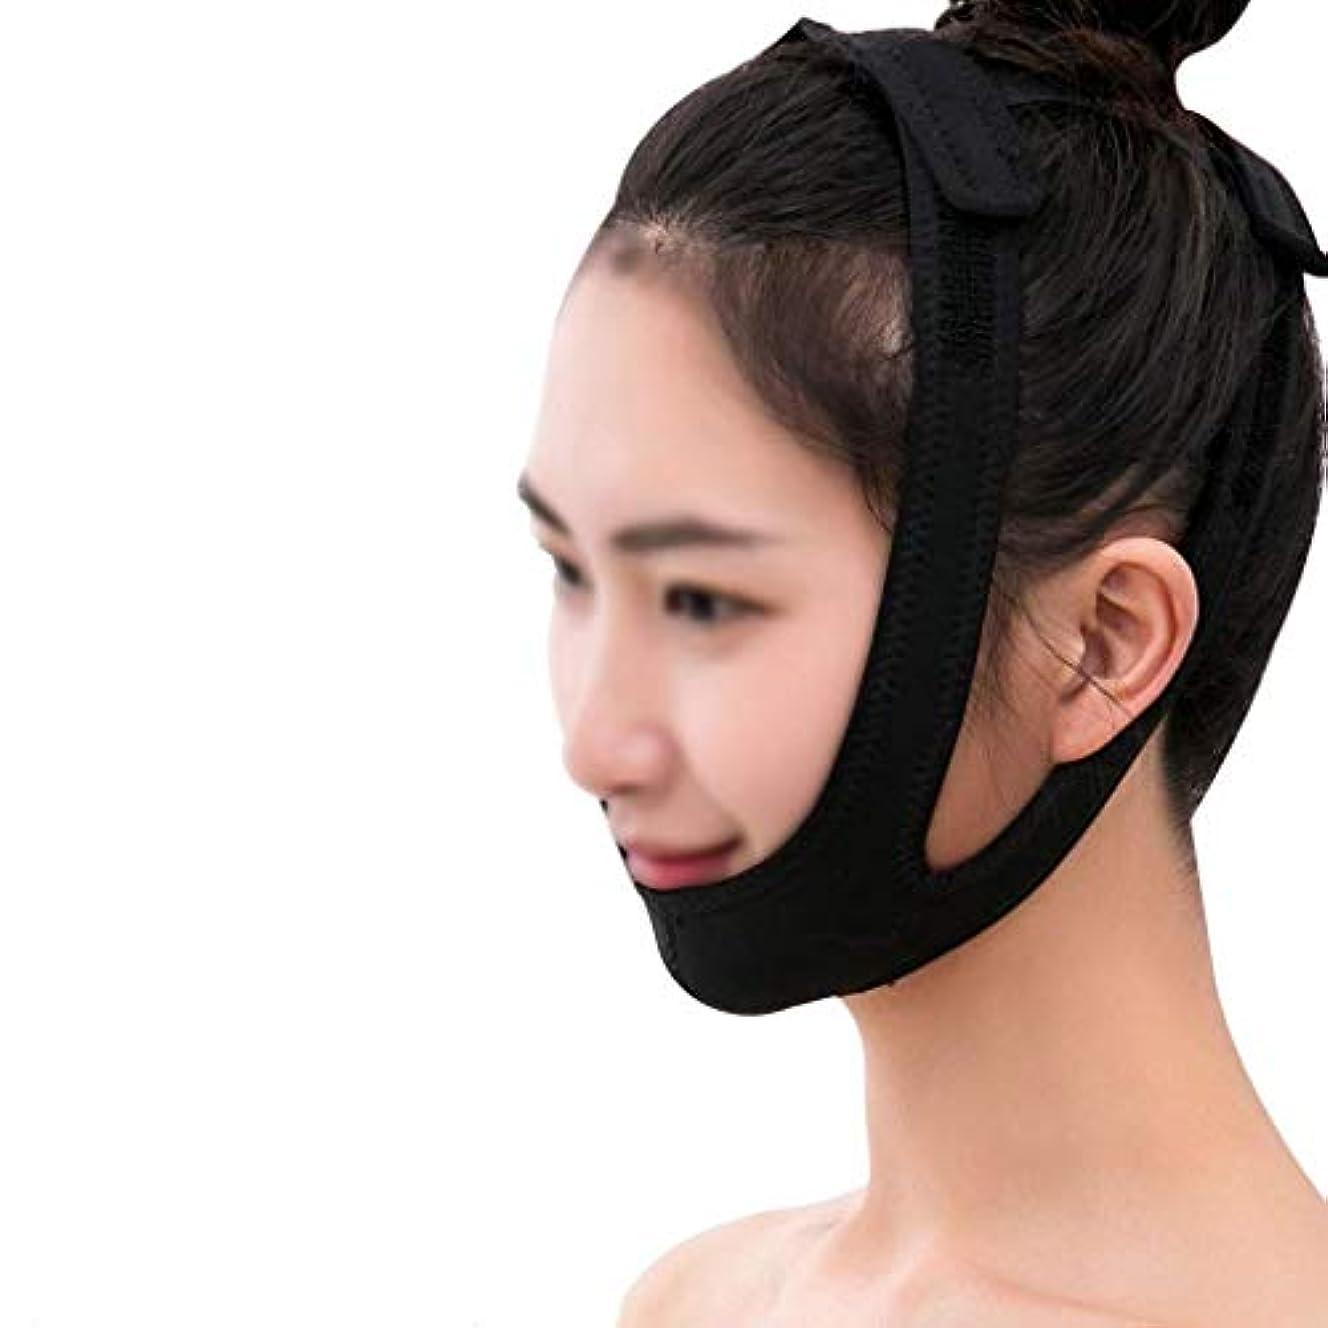 のり養うのスコアフェイシャルリフティングマスク、医療用ワイヤーカービングリカバリーヘッドギアVフェイスバンデージダブルチンフェイスリフトマスク